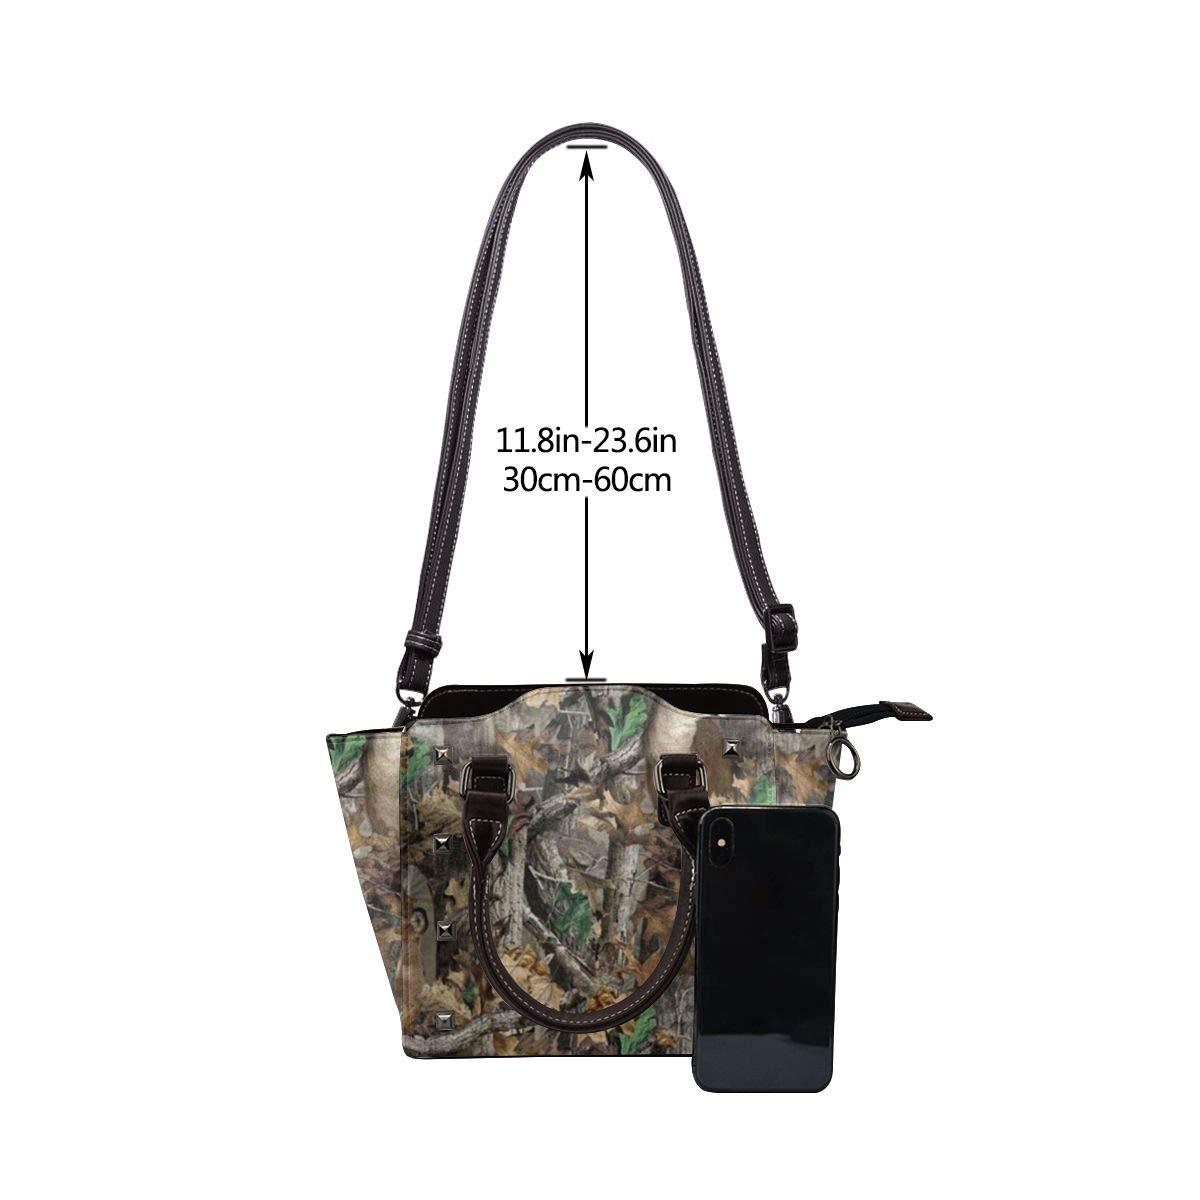 LalaQ rottweiler dam axelväska med blommönster, lyxig, elegant, äkta läder, nitar Realtree Camo bakgrundsbilder